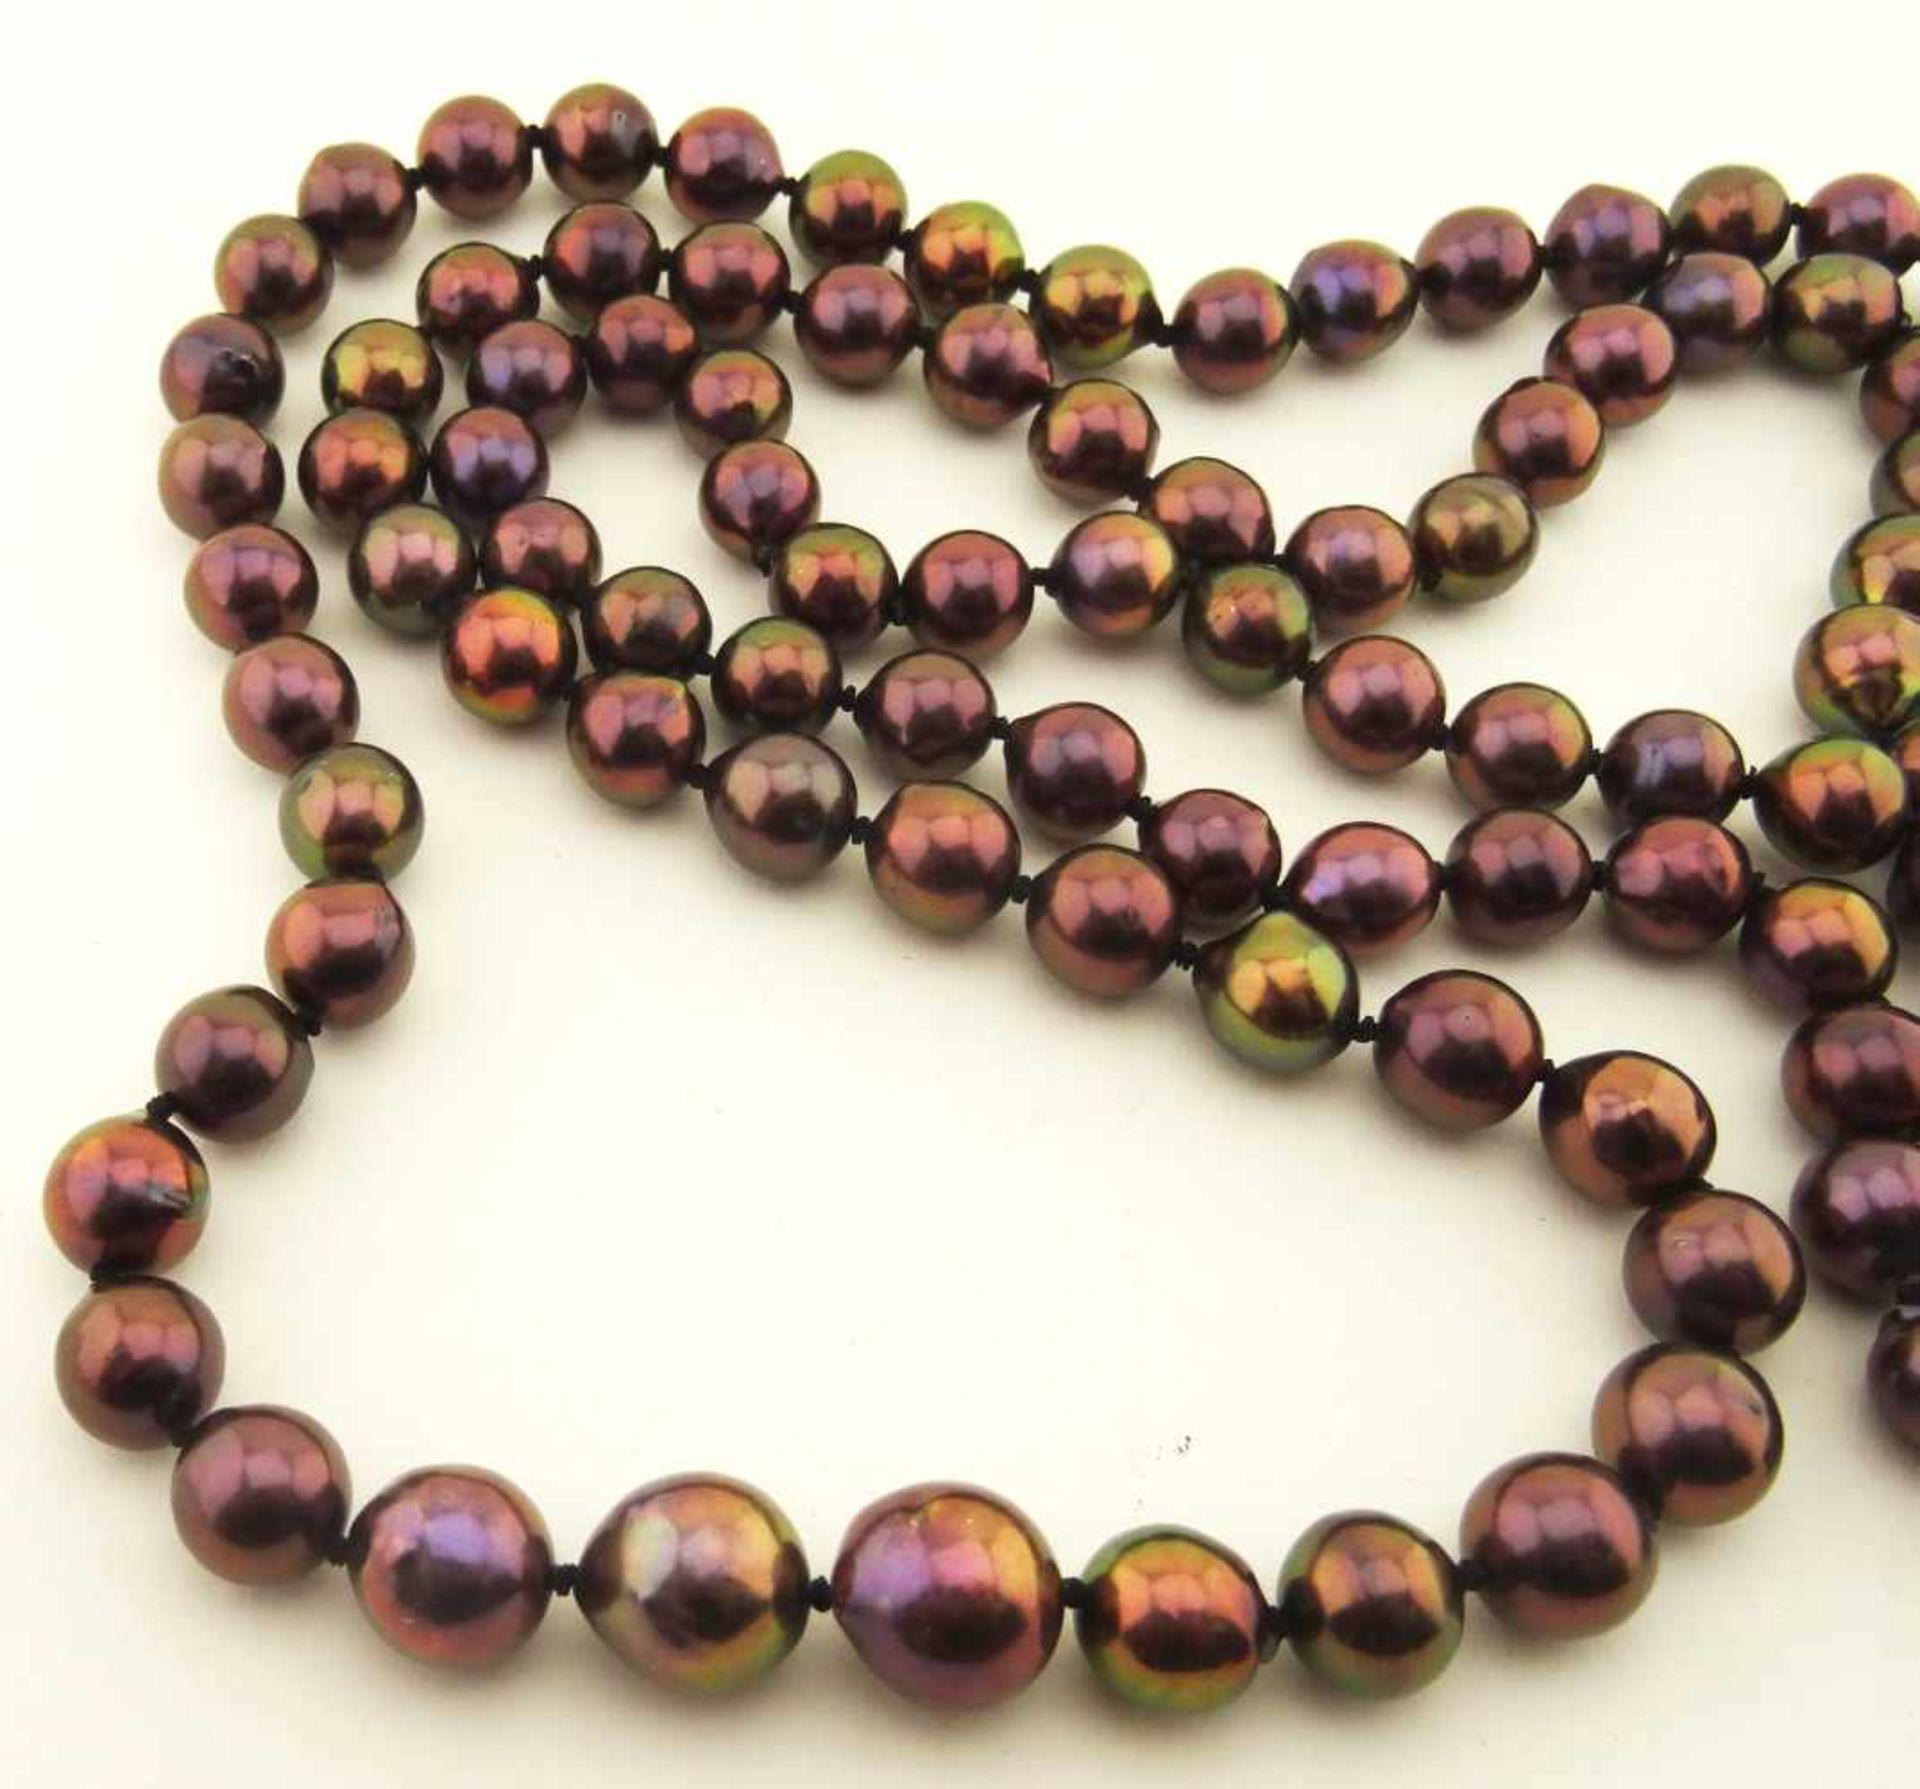 Los 56 - Tahiti- Südseezuchtperle grünlich/pink Collier mit 119 Perlen mit 9,5-11,6mm, endlos aufgezogen, ca.